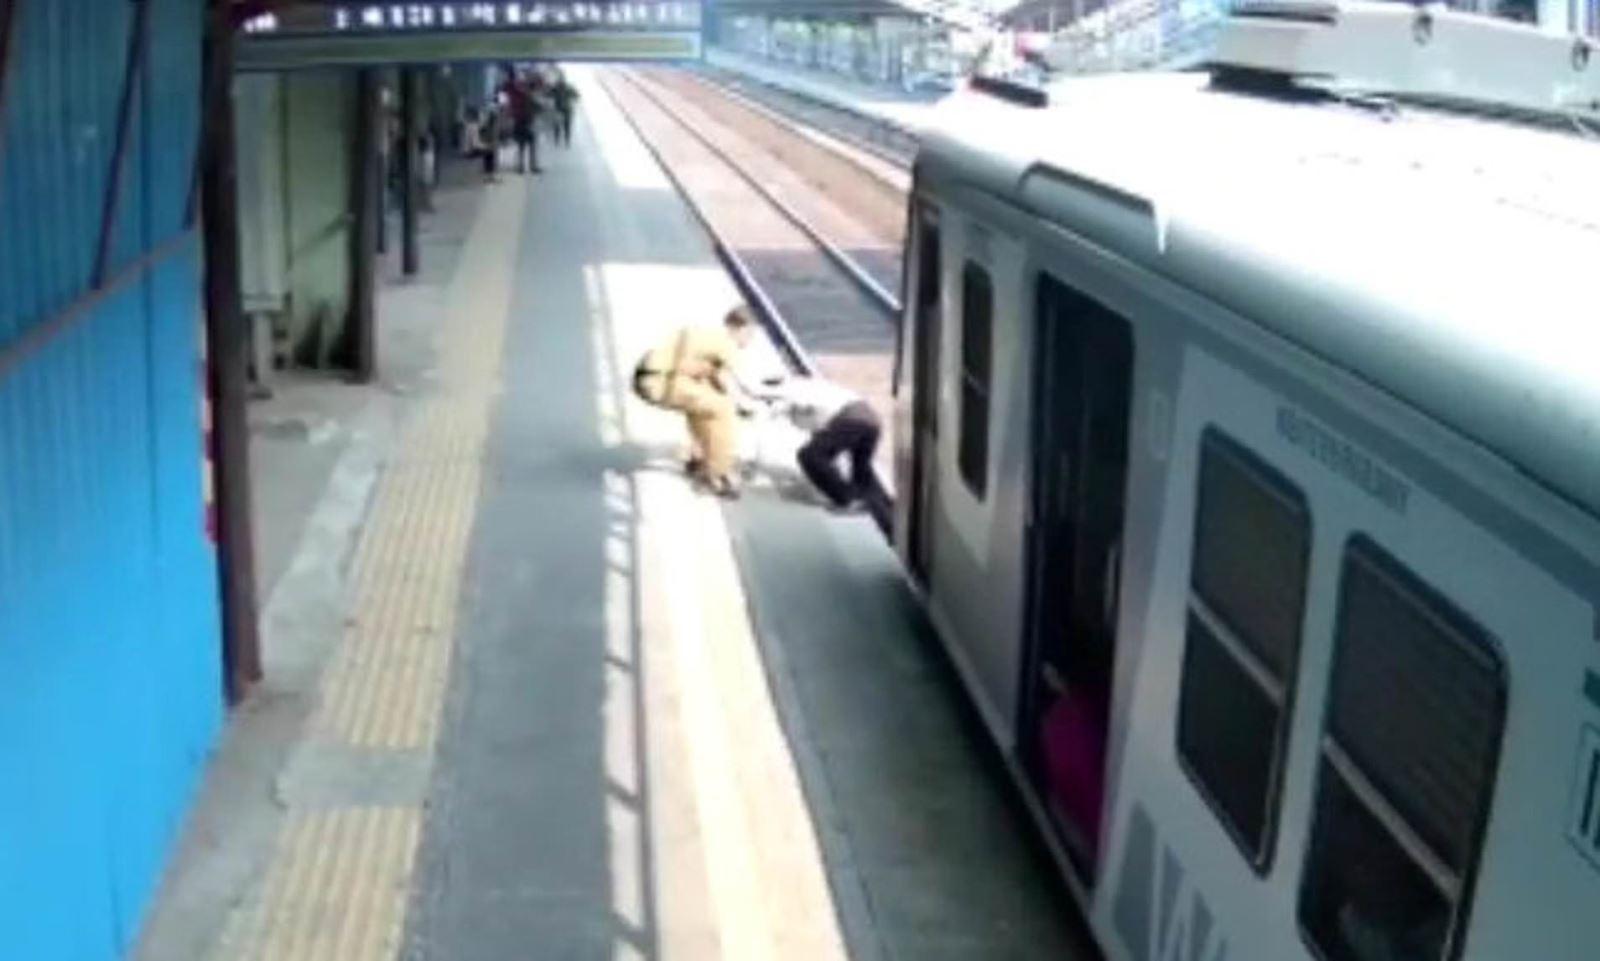 Khoảnh khắc người đàn ông thoát chết ngay trước mũi tàu hỏa